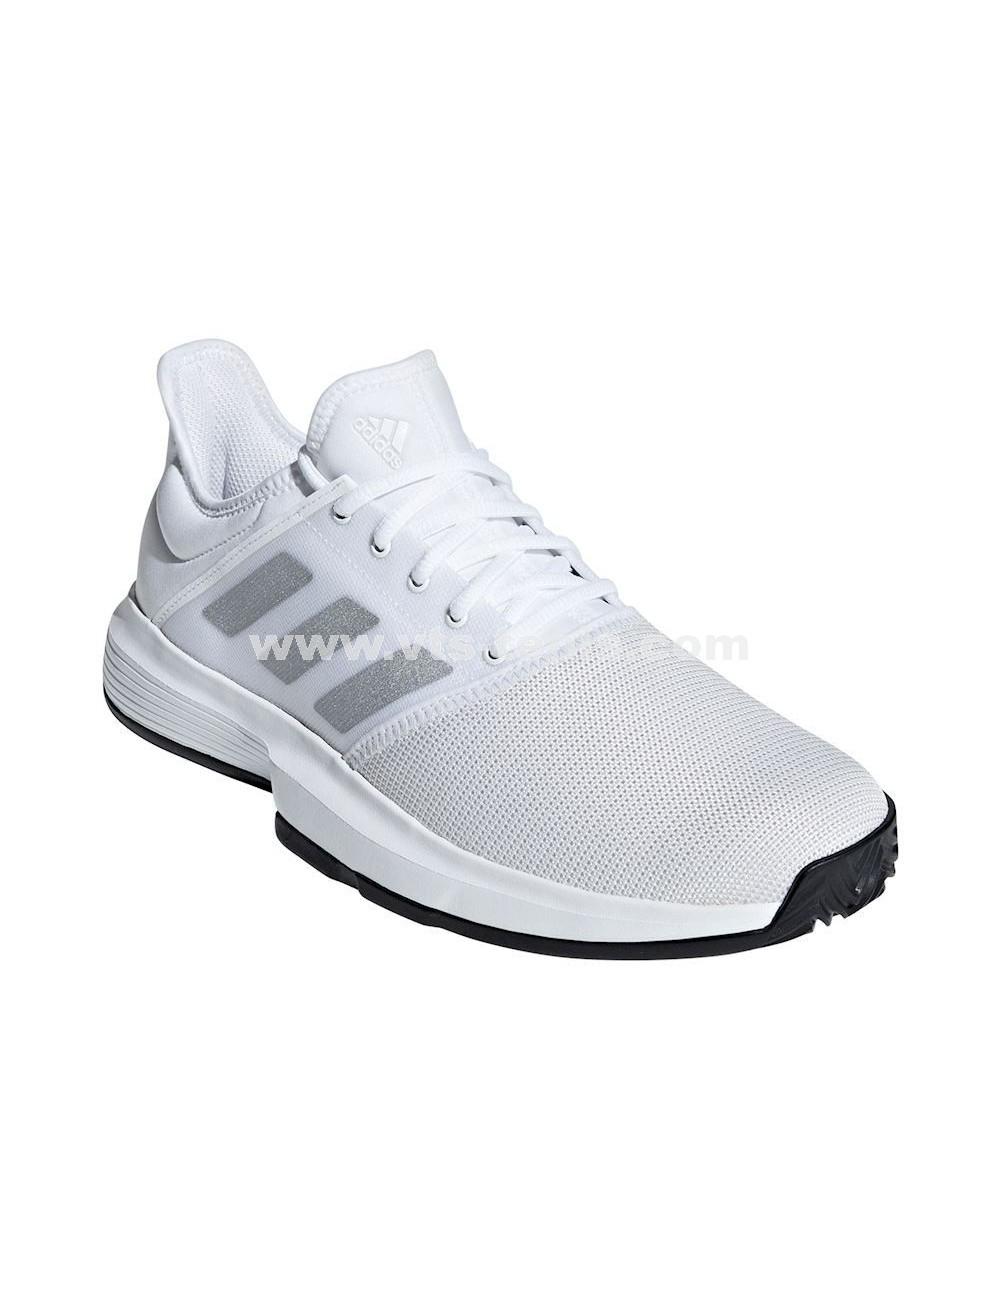 Game Colores Adidas M 44 combinados Talla eur Zapatillas Court Blancogris hombre Y76bfgy